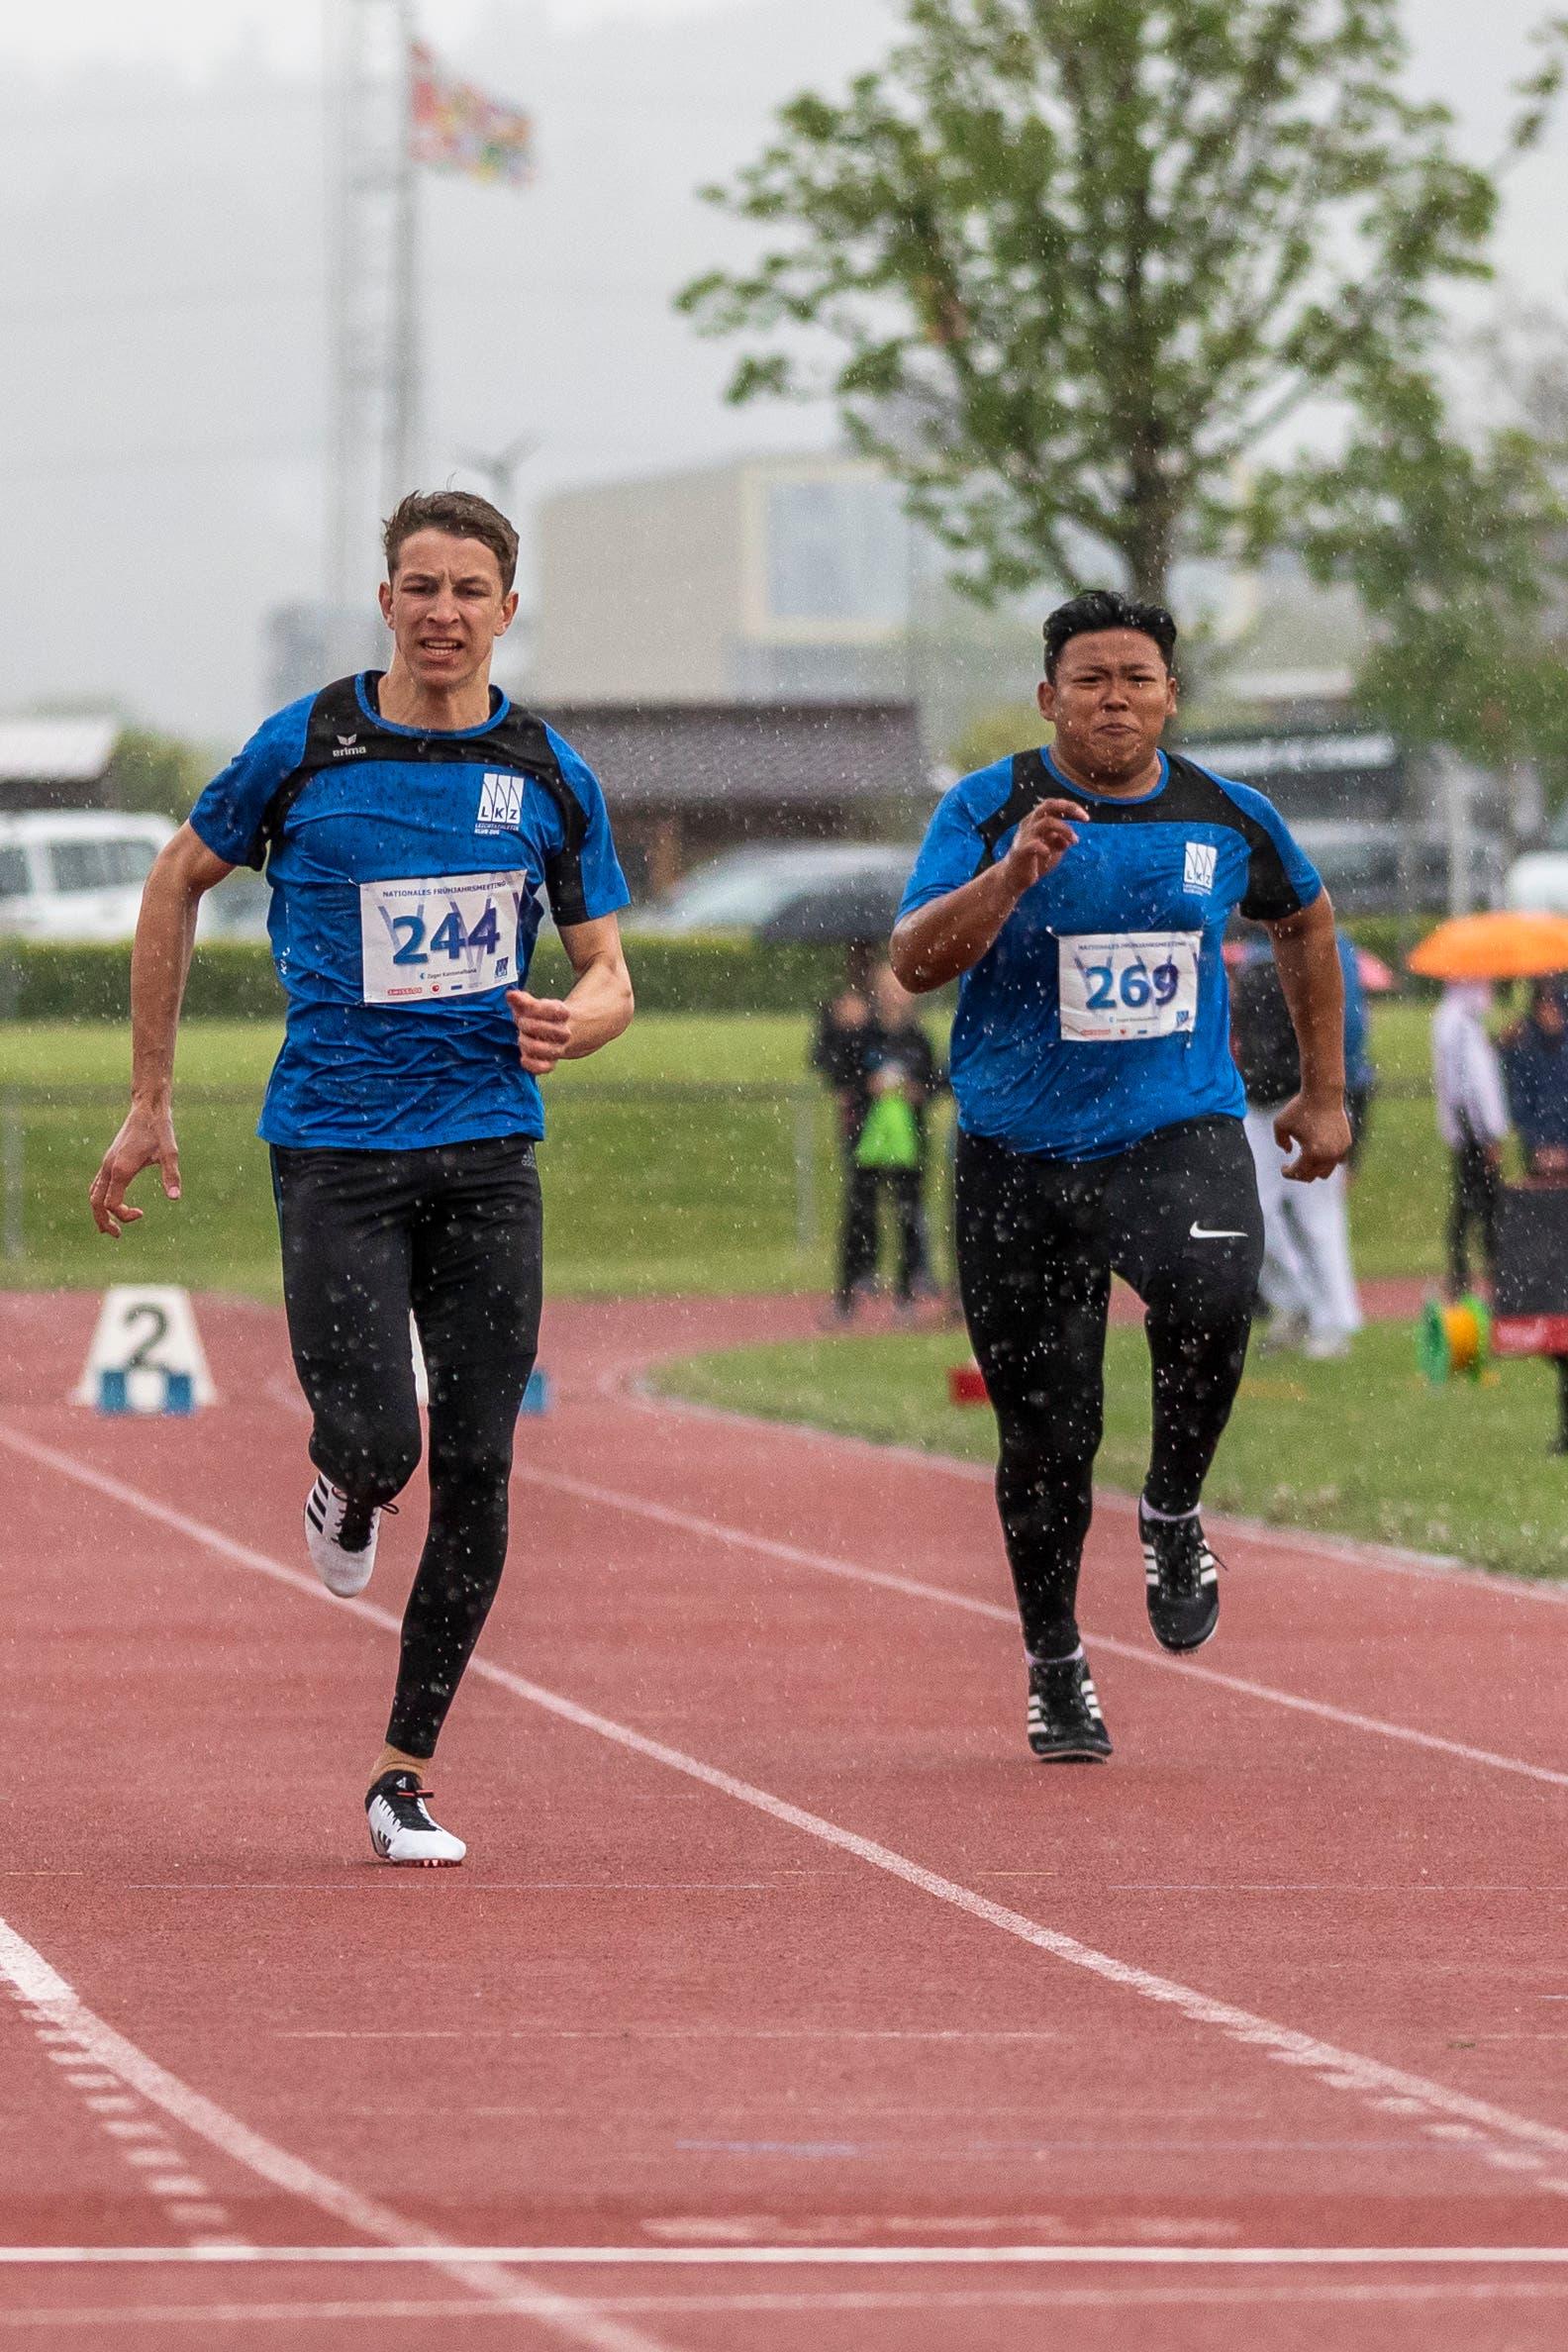 Cyril Amrhein (links) und Jon Paul de Vera (rechts, beide LK Zug), am Nationalen Frühjahrsmeeting auf der Leichtathletik-Anlage Allmend in Zug. (Bild: Patrick Hürlimann, Zug, 4. Mai 2019)